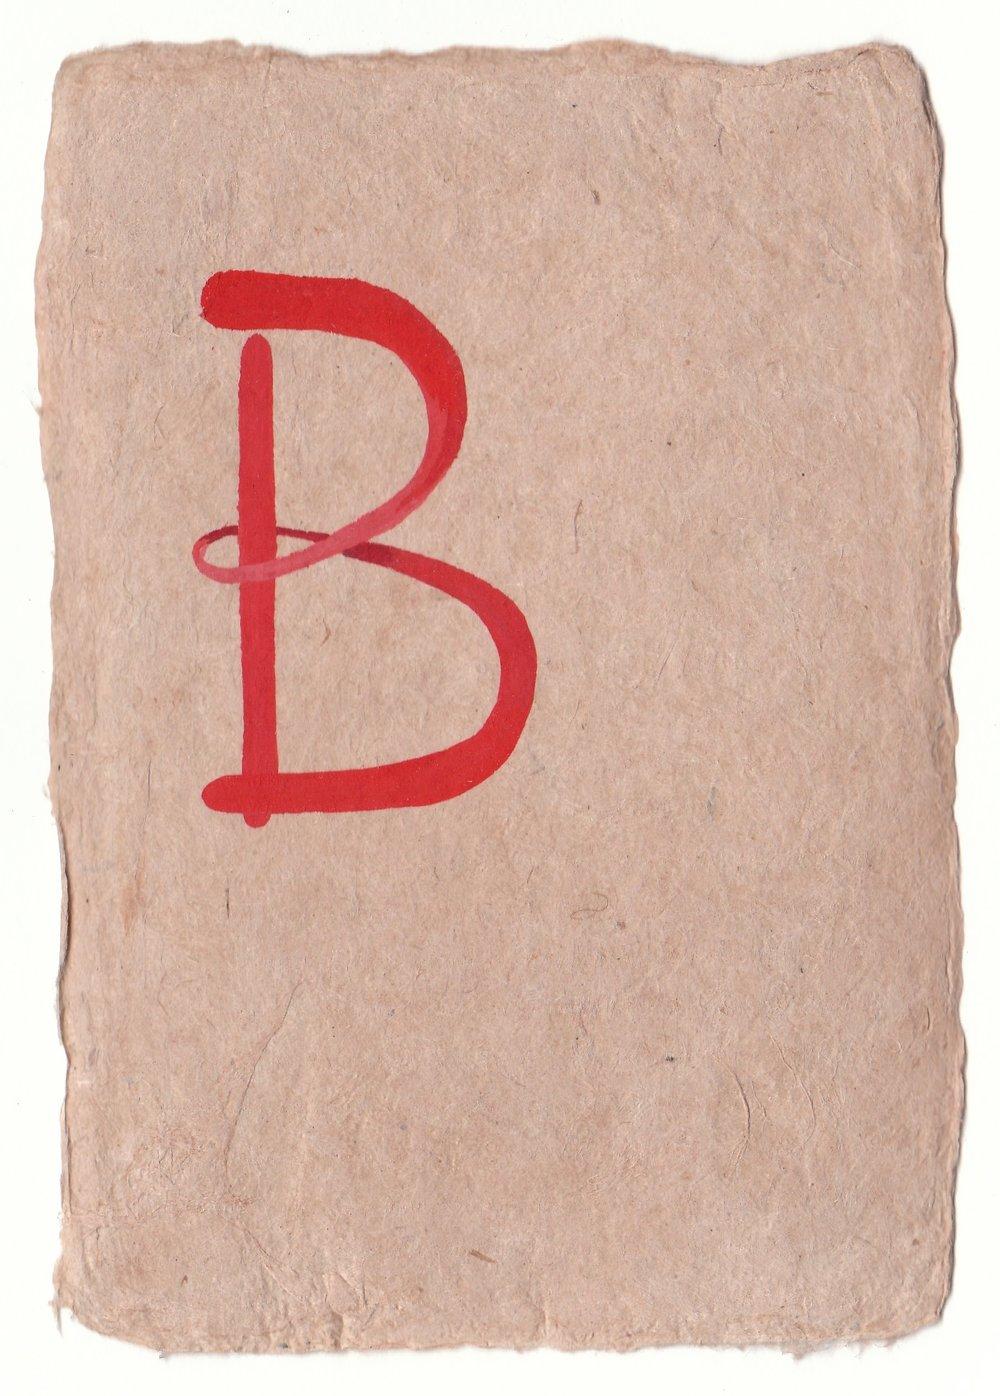 B in Red.jpg